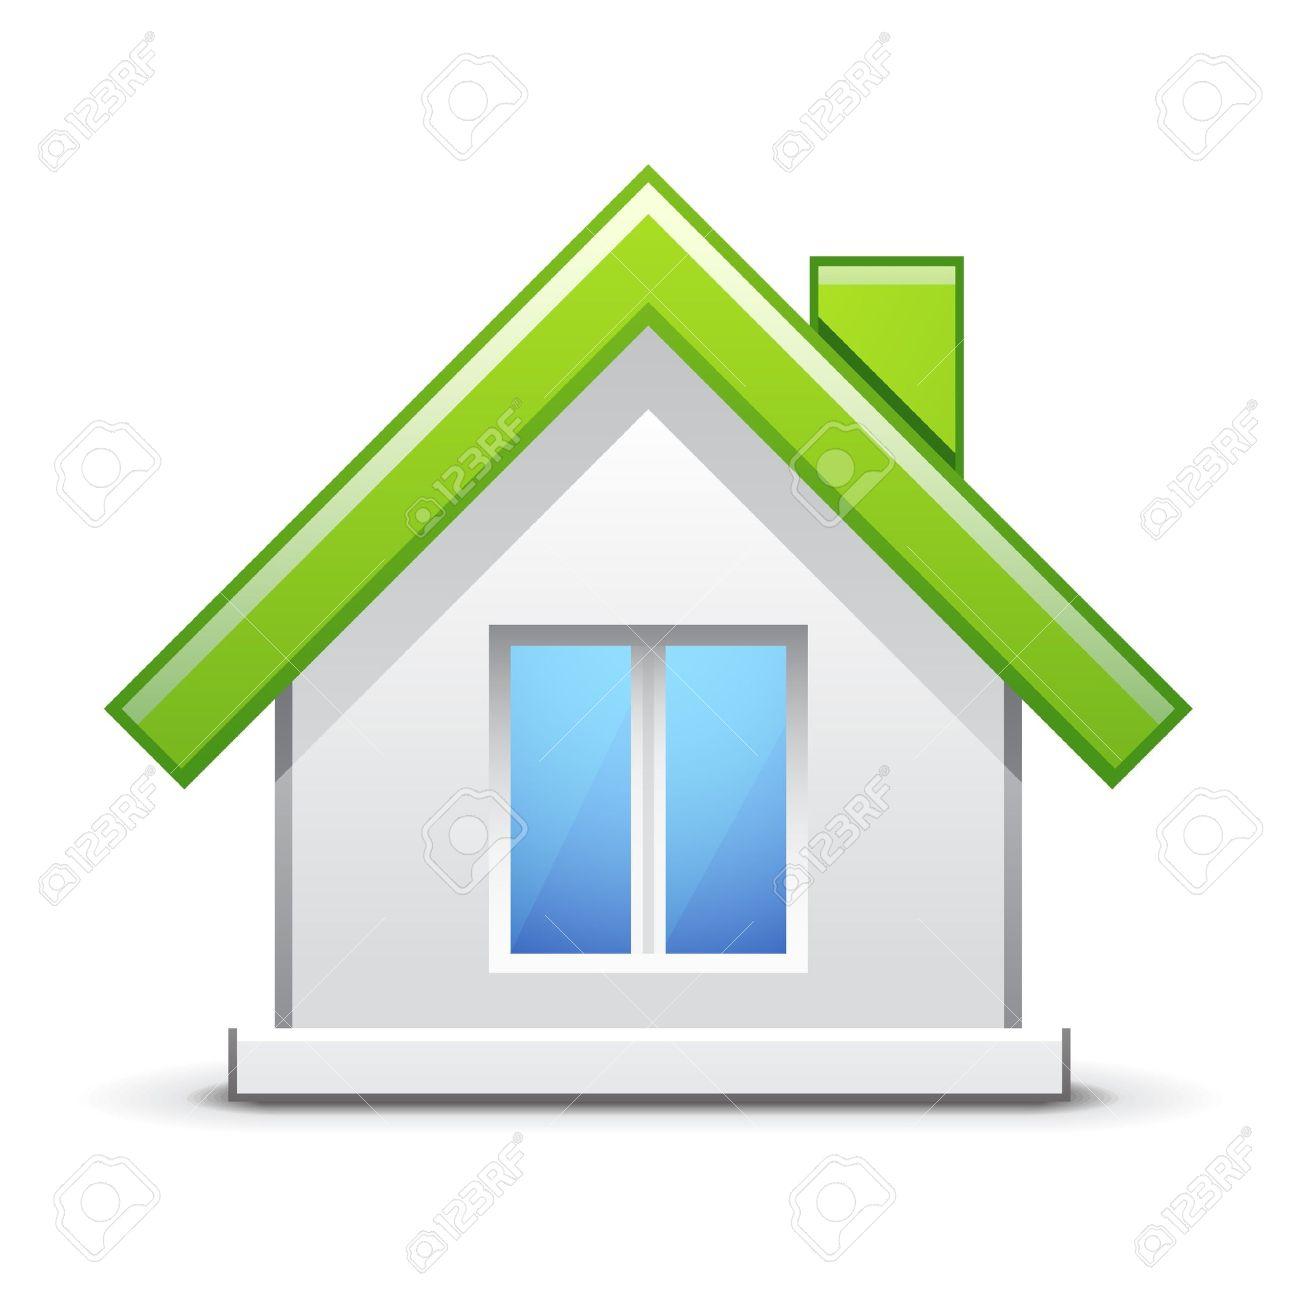 Green house icon Stock Vector - 11660653